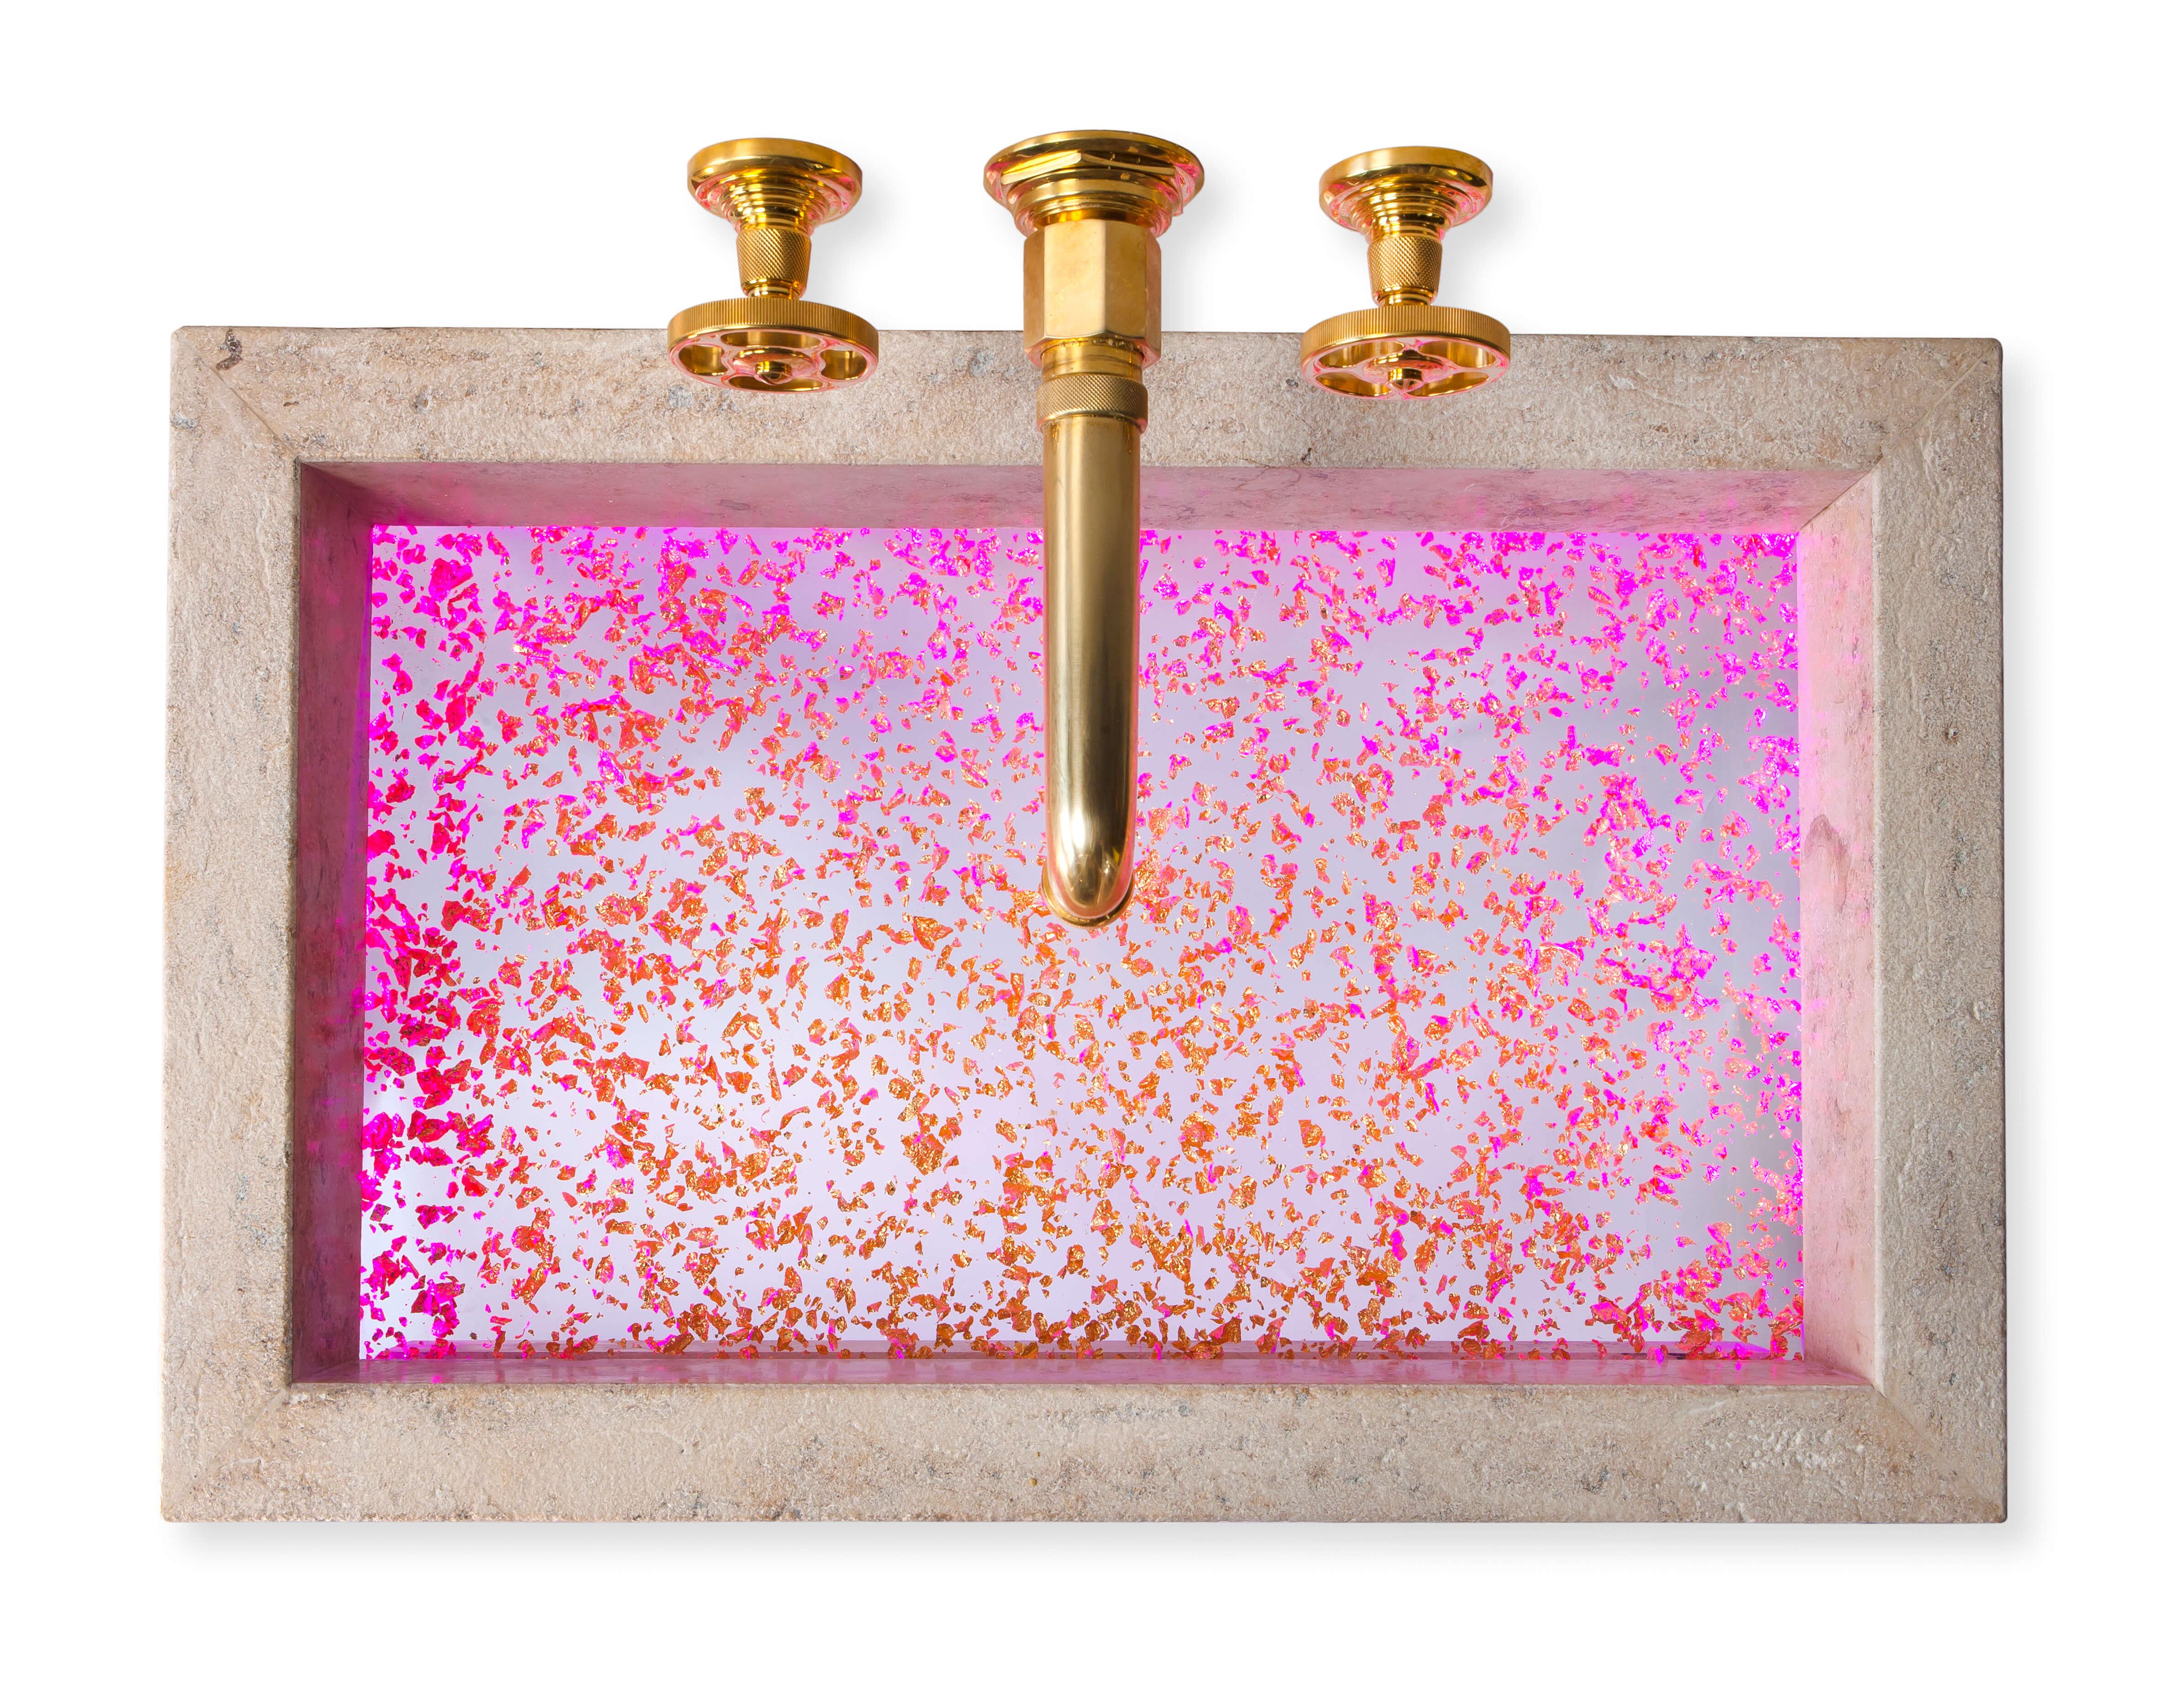 JUBASSIN ist ein neues Design-Badobjekt; ein edles, mit effektvollen Acryl-Elementen kombiniertes Waschbecken aus Naturstein. Durch die kreative Verbindung traditioneller und innovativer Materialien entsteht eine bislang nicht gekannte Optik für den gehobenen Bad- und Spa-Bereich. Eine perfekt integrierte Acryl-Einlage des Waschbeckens samt RGB-Lichtdesign macht JUBASSIN zum eindrucksvollen Blickfang. Ein weiterer Überraschungseffekt: der unsichtbare Abfluss. Überaus bedeutend für das Design ist, dass grundsätzlich jedes Detail frei individualisierbar ist. Dies beginnt bei den Maßen, der verwendeten Steinart mitsamt der Oberflächenveredelung und geht weiter über die Farbgebung des Acryls bis zur optionalen LED-Beleuchtung in RGB-Farben. Das Design-Waschbecken wurde für JUMA - Stein Erlebnis Bayern in Zusammenarbeit mit Helmdesign by Ihr Schreinermeister GmbH Design by Torsten Müller und Horst Zerres entwickelt und ist gedacht für den gehobenen Bad- und Spa-Bereich